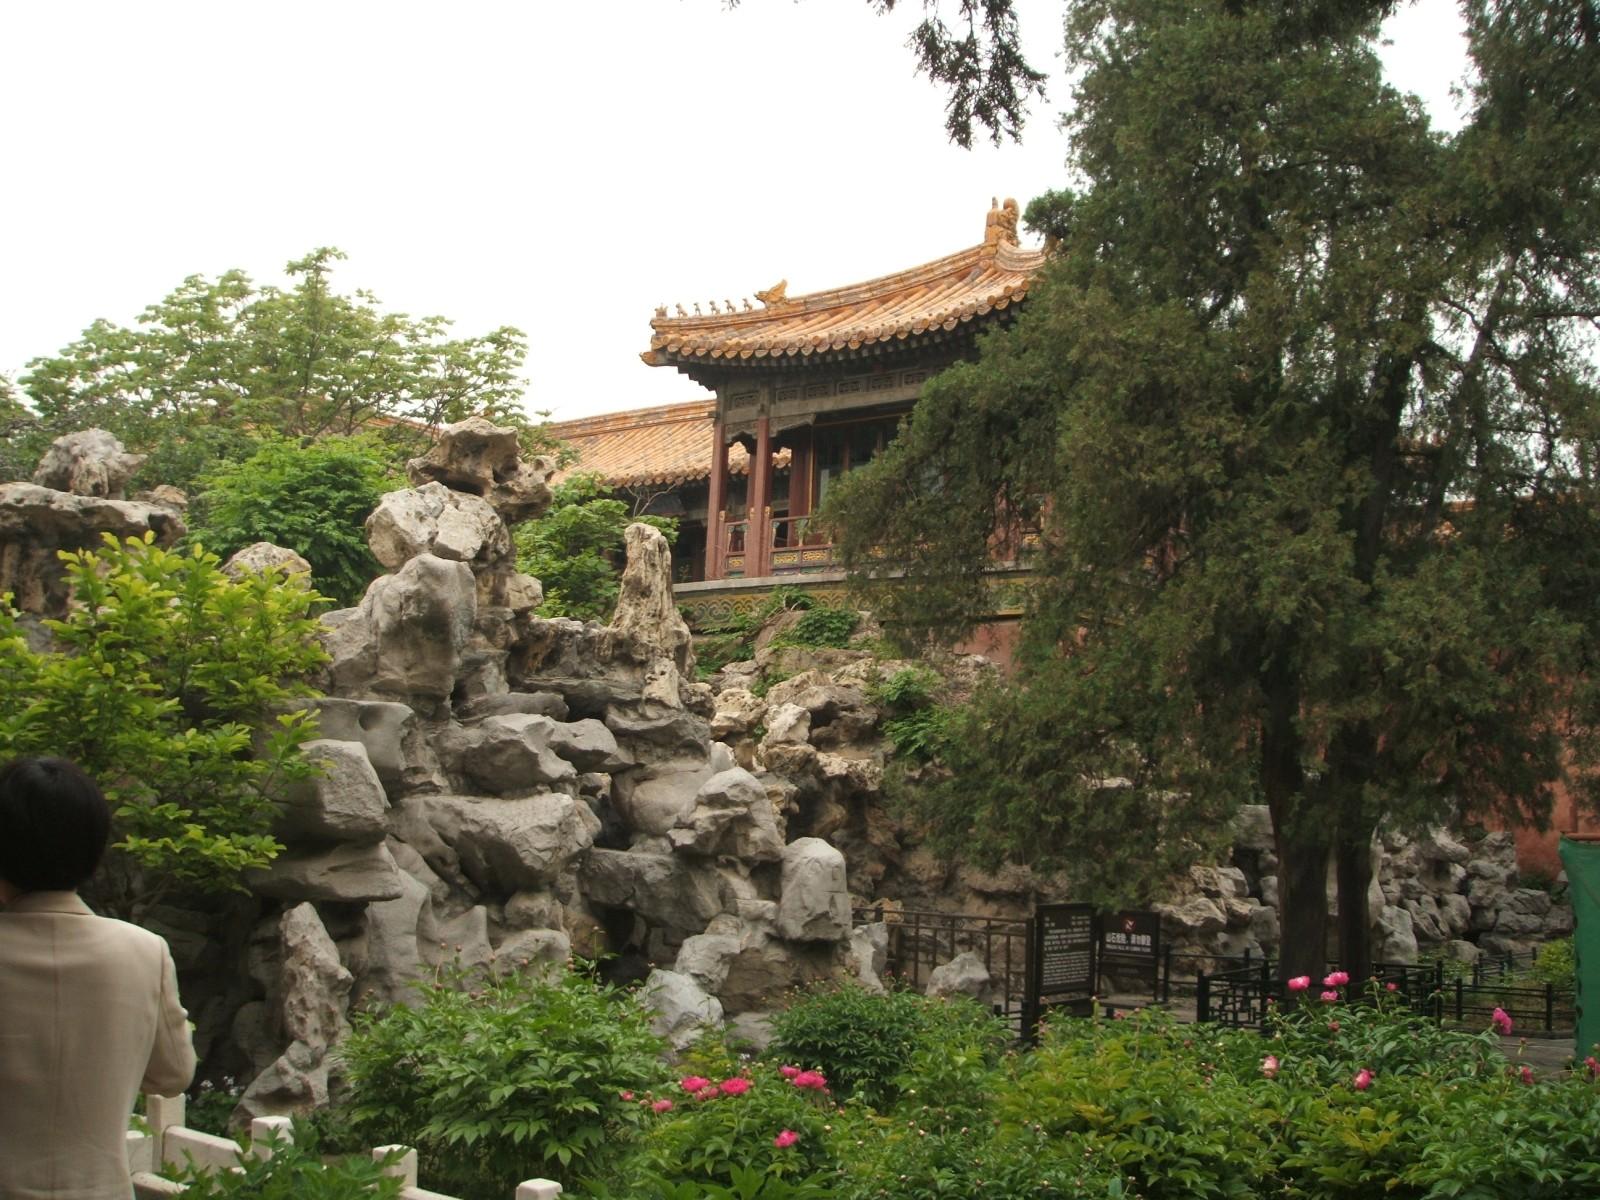 Emperor's Gardens